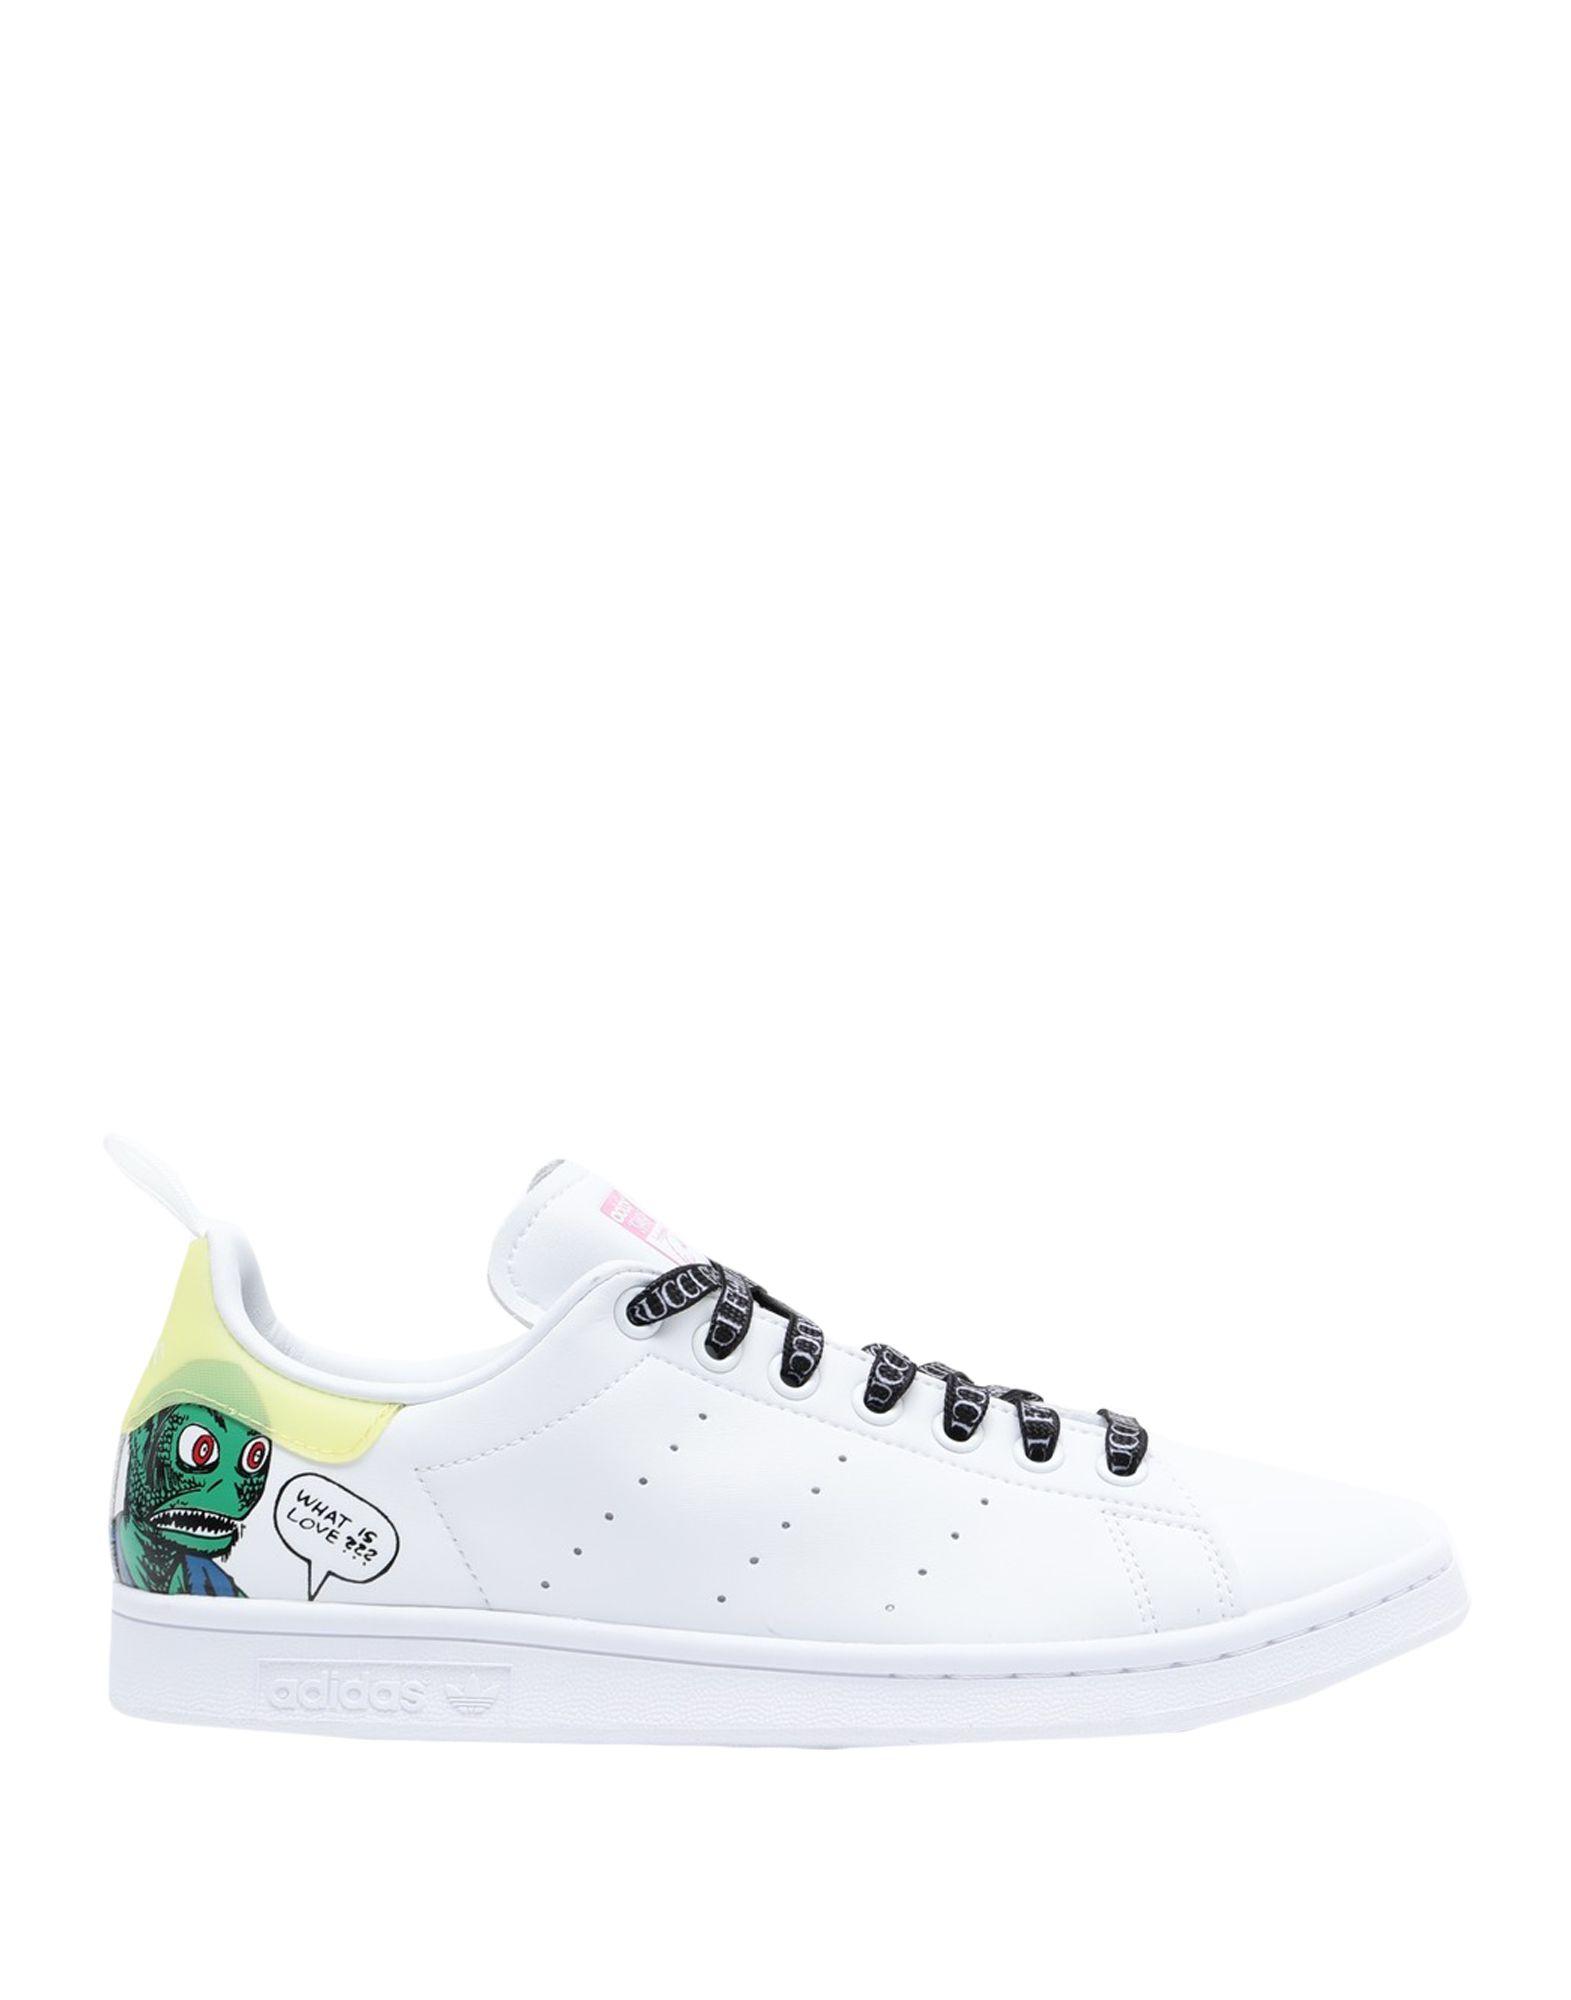 Фото - ADIDAS ORIGINALS x FIORUCCI Кеды и кроссовки мужские кеды adidas originals x wales bonner nizza low